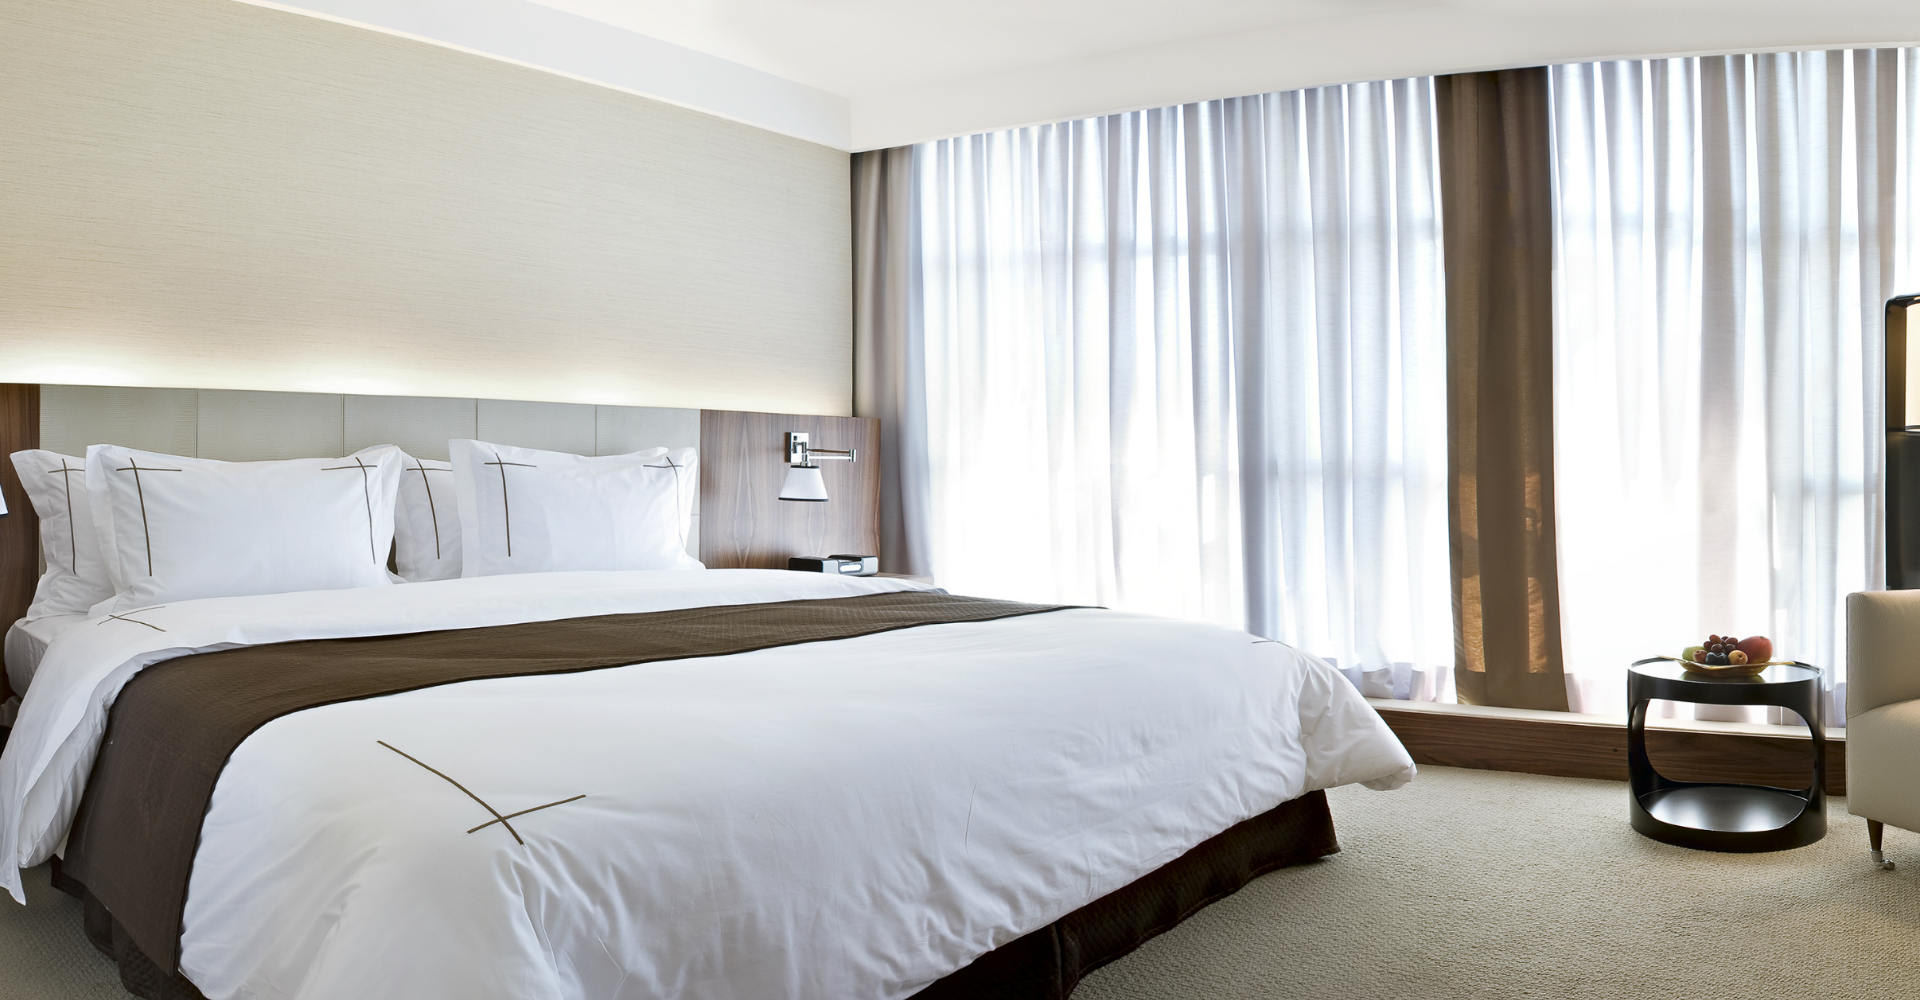 Tivoli Mofarrej São Paulo Hotel | 5 Star Hotel in São Paulo